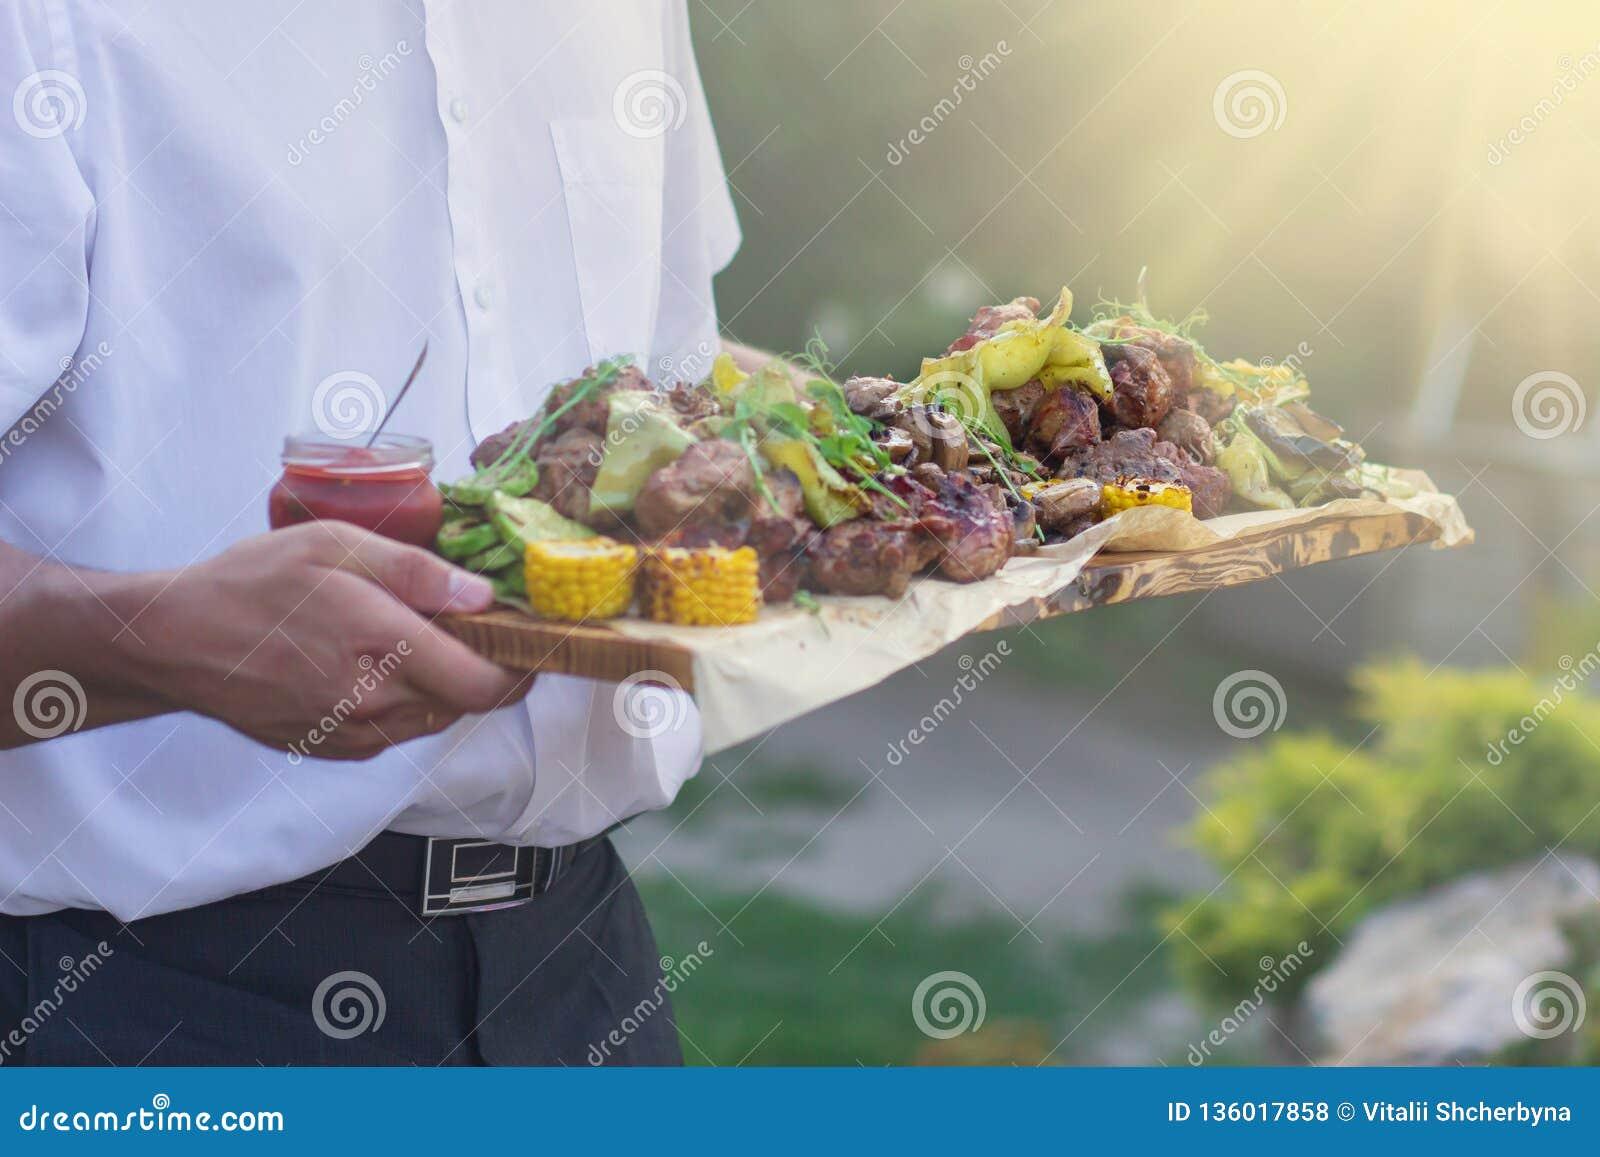 De kelner biedt geroosterde vlees en groenten bij zonnige dag aan